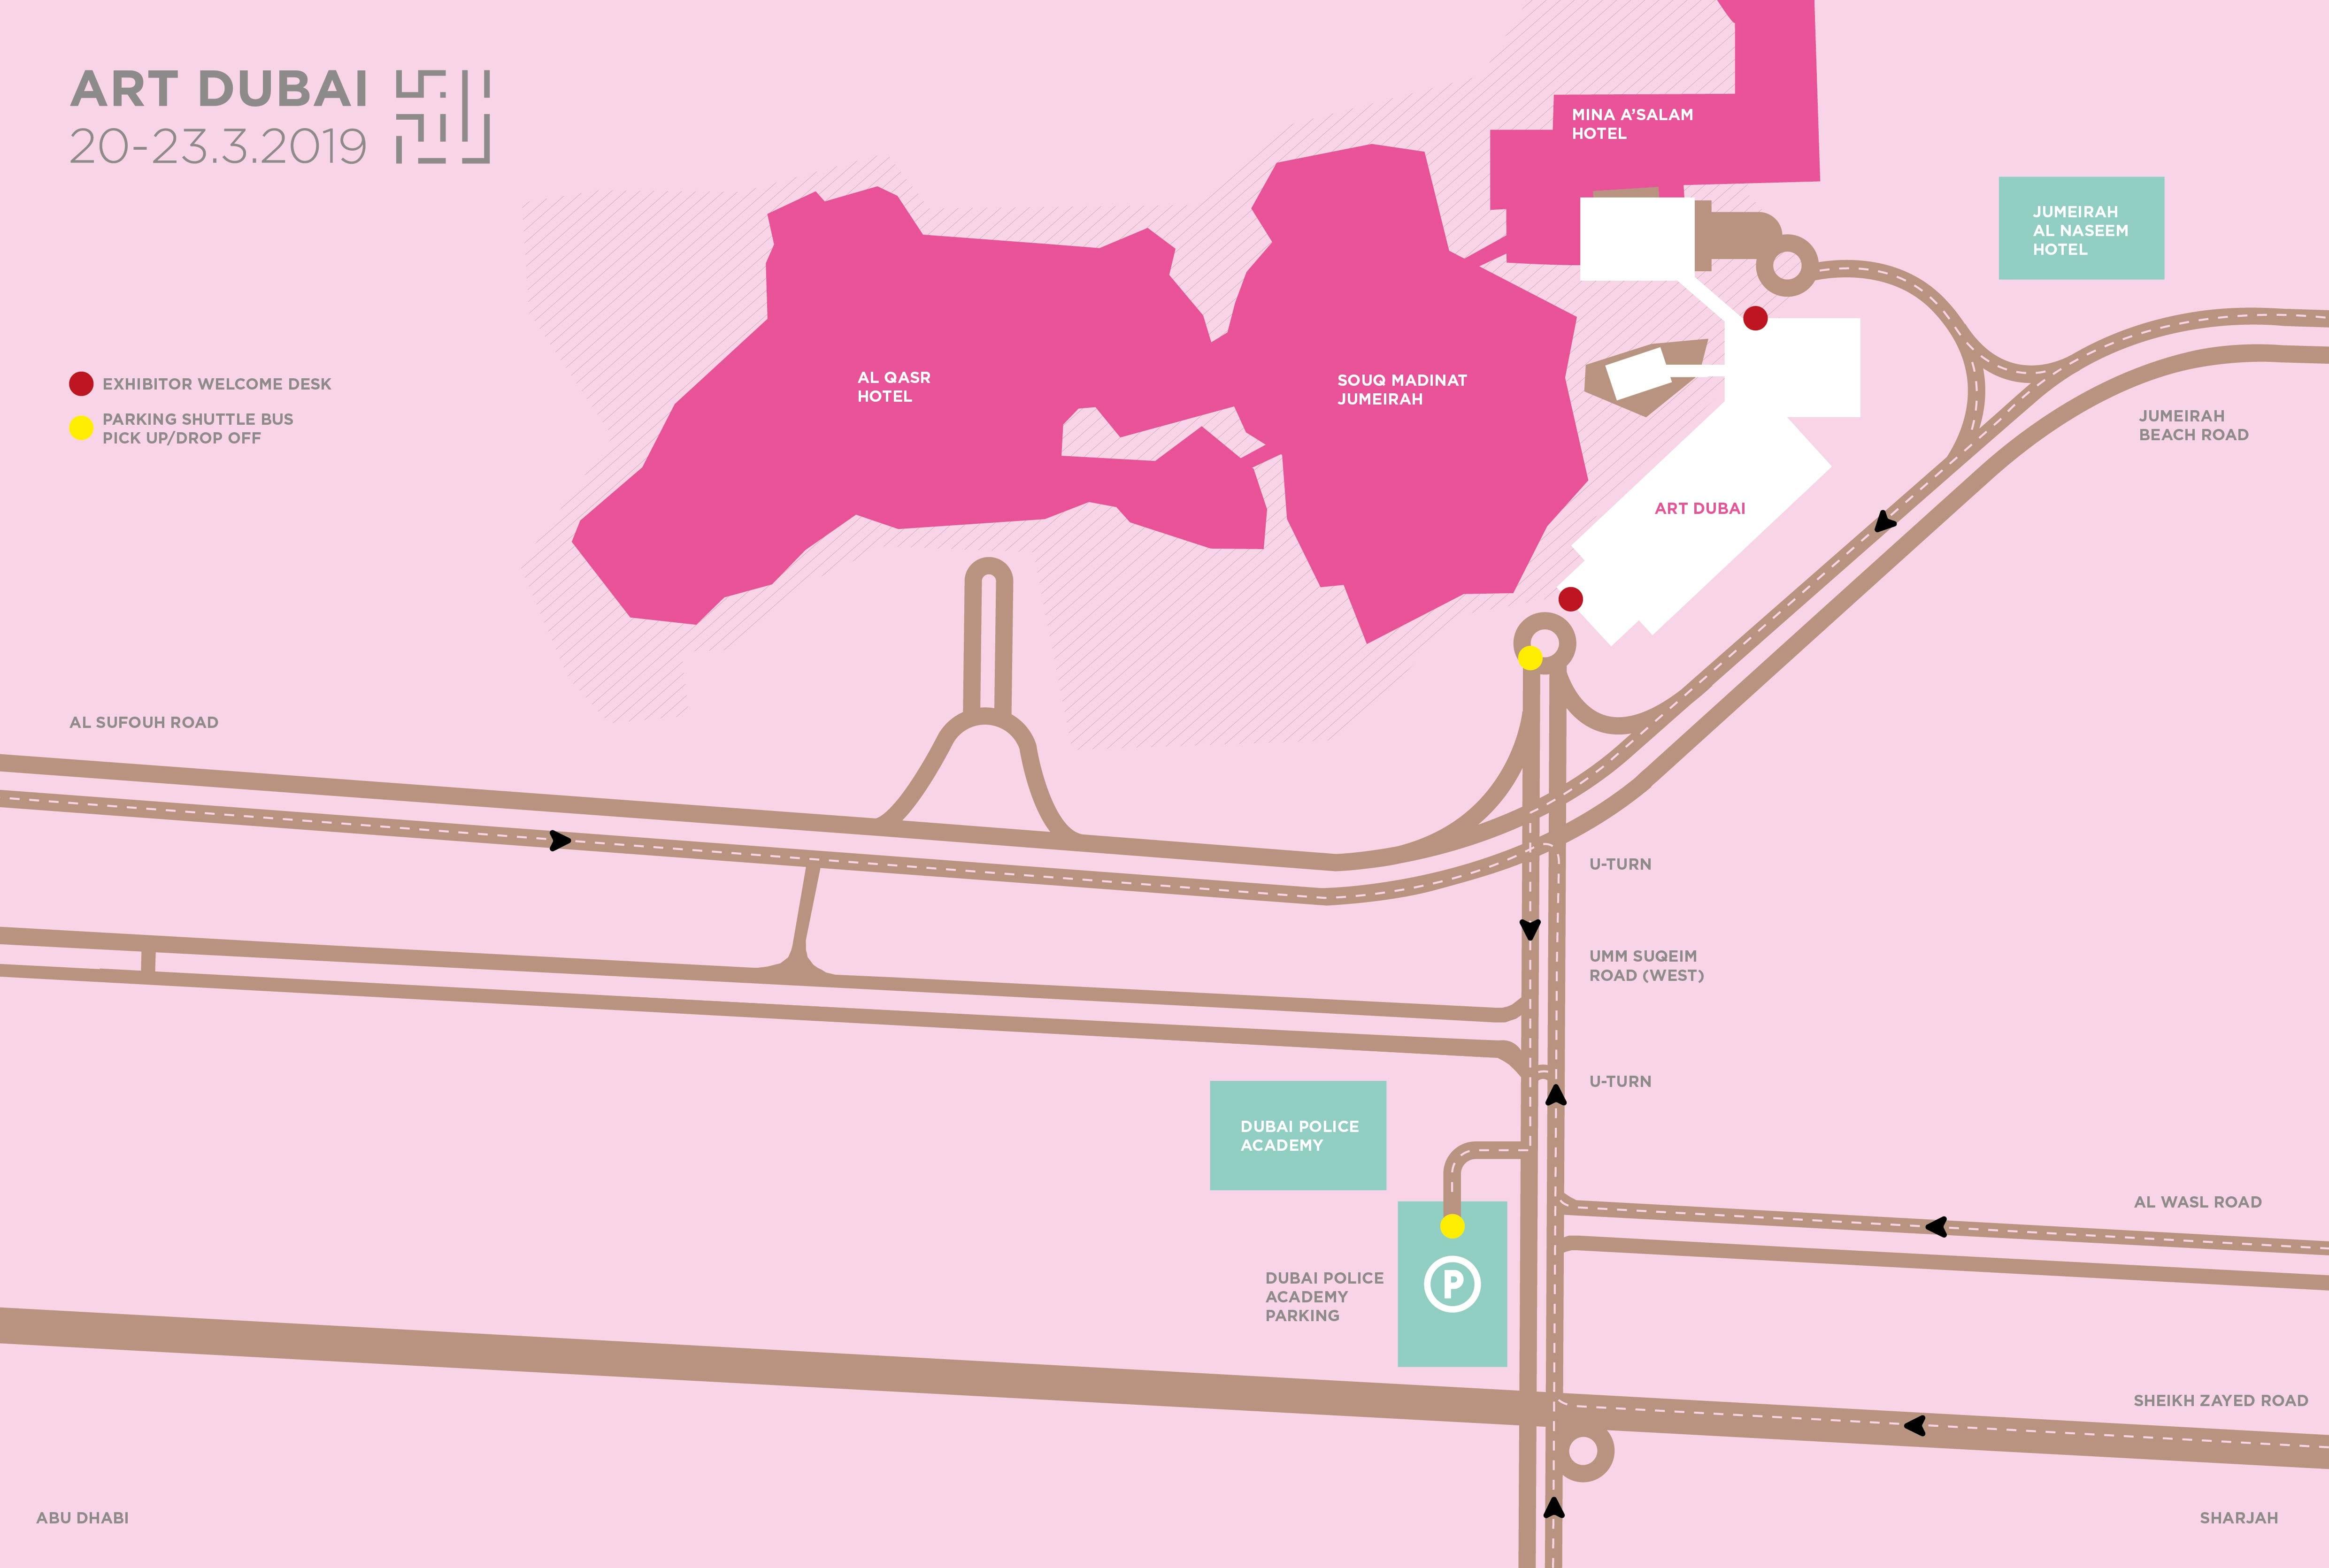 THE FAIR - Art Dubai Dubai Maps And Directions on